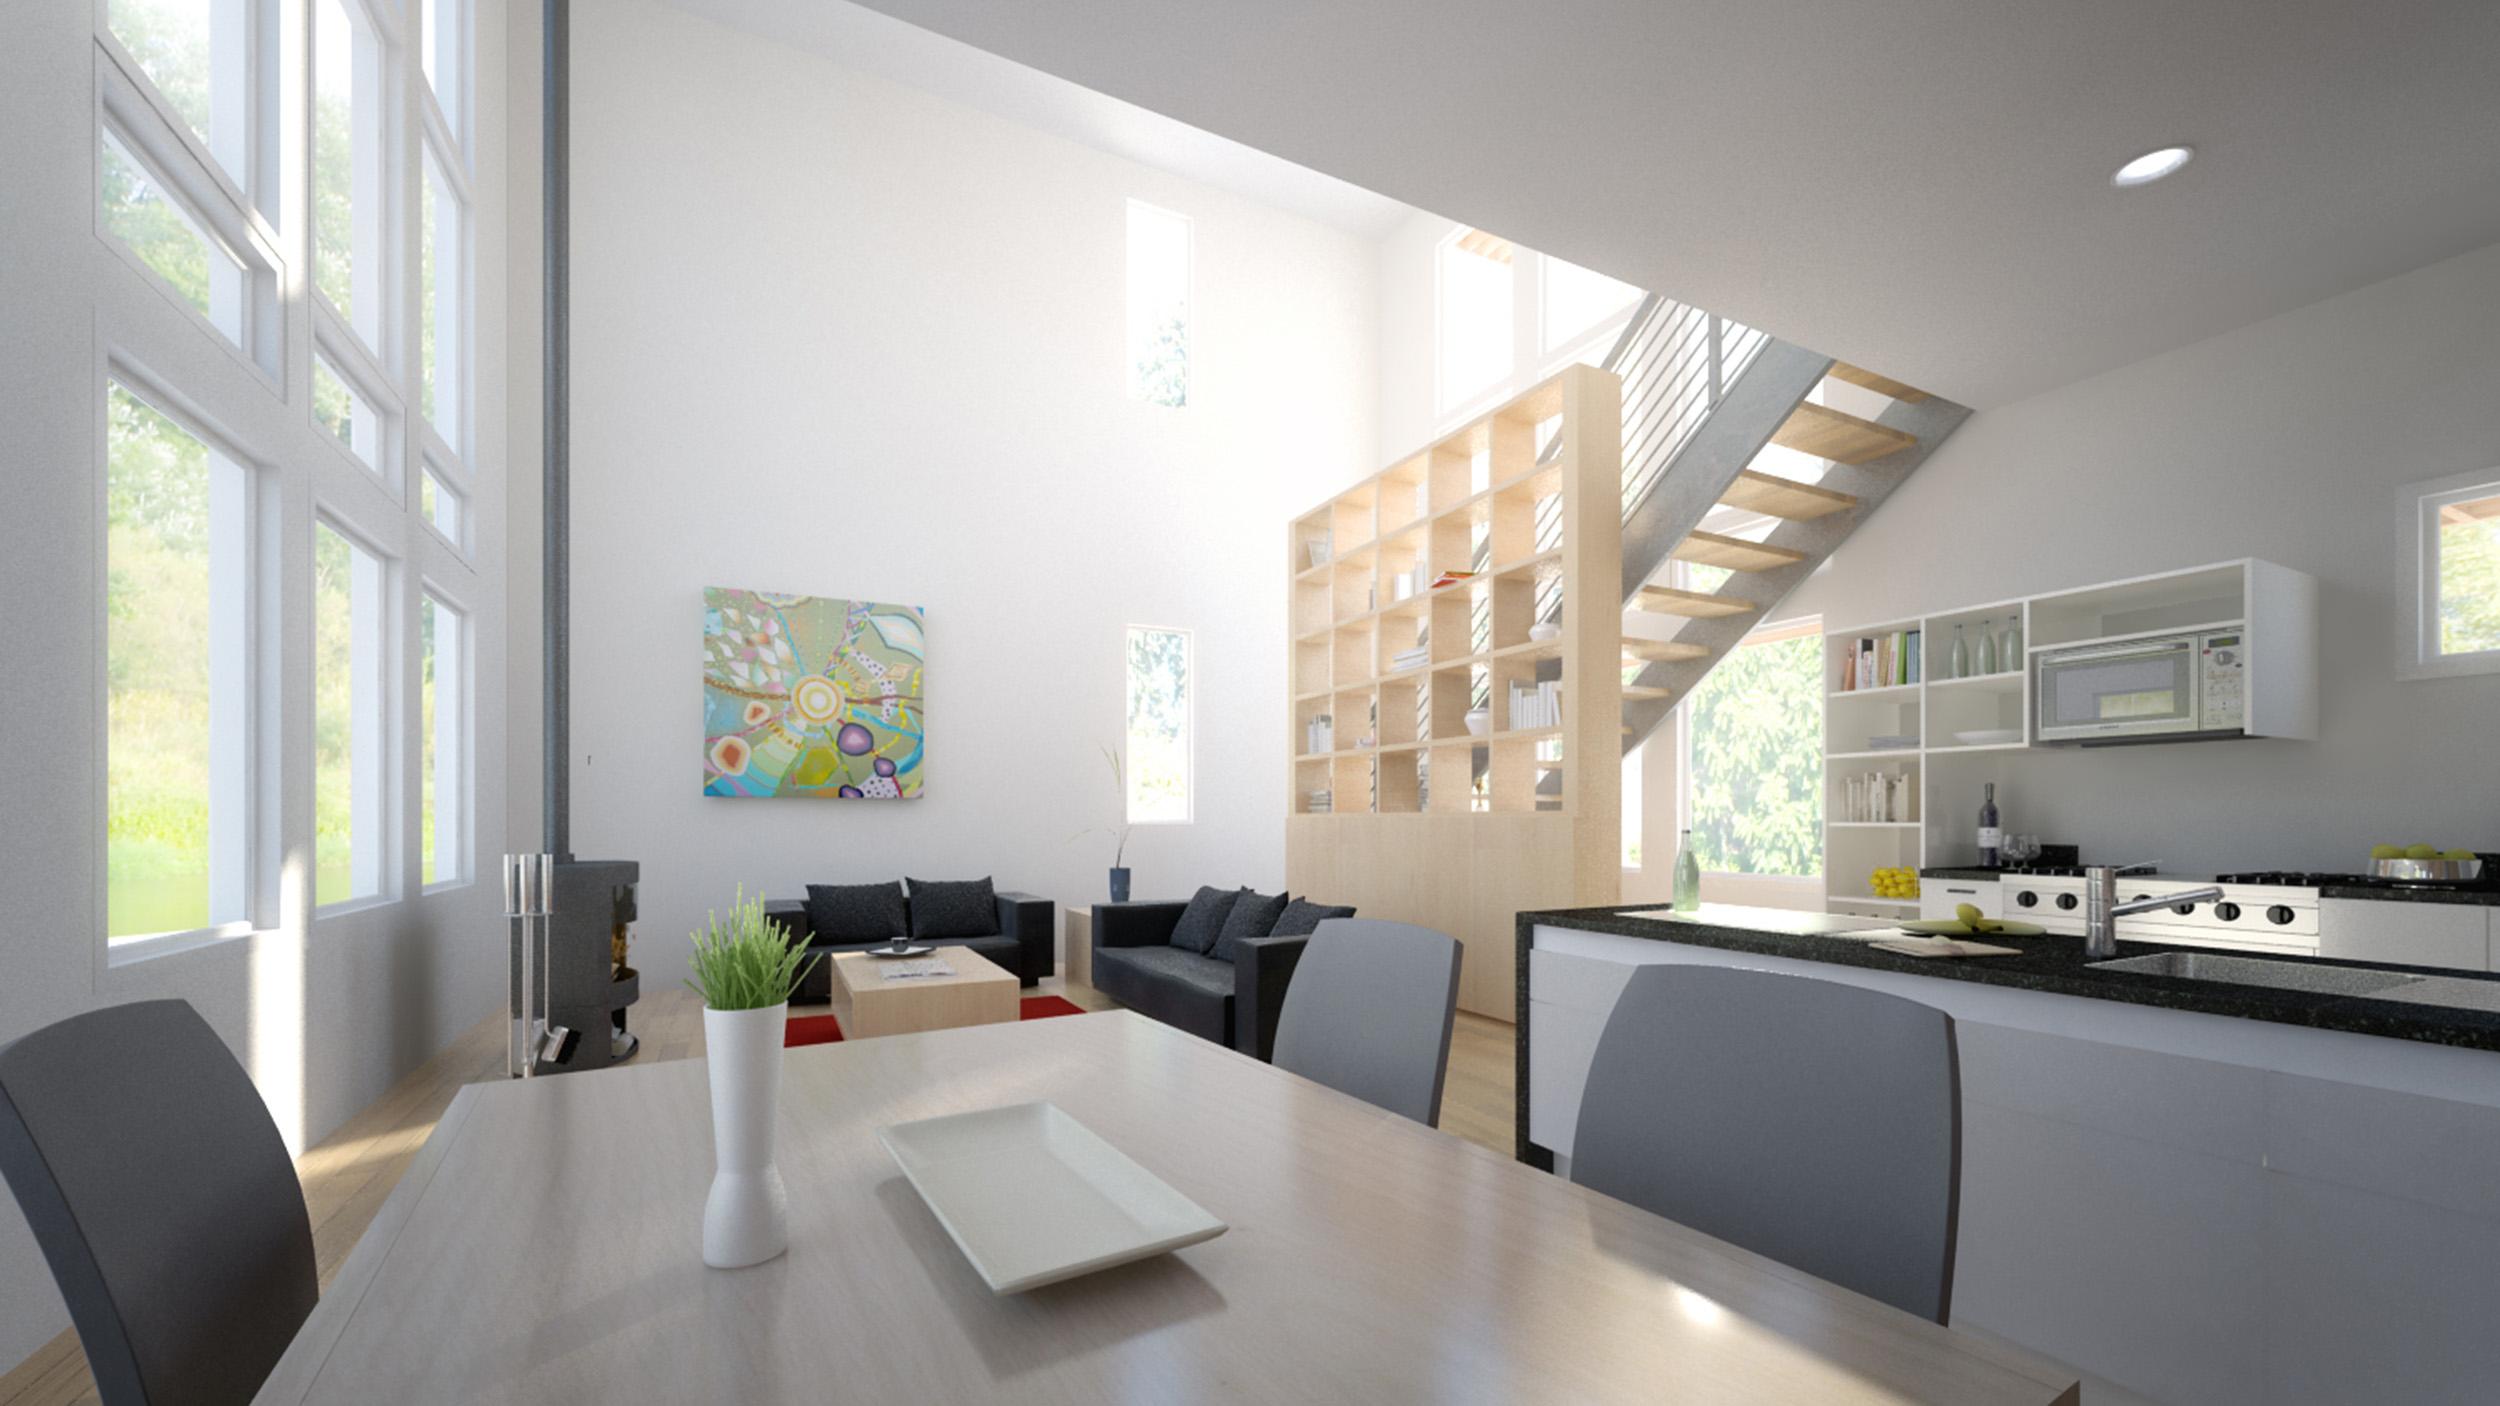 3w interiorshot_final1.jpg